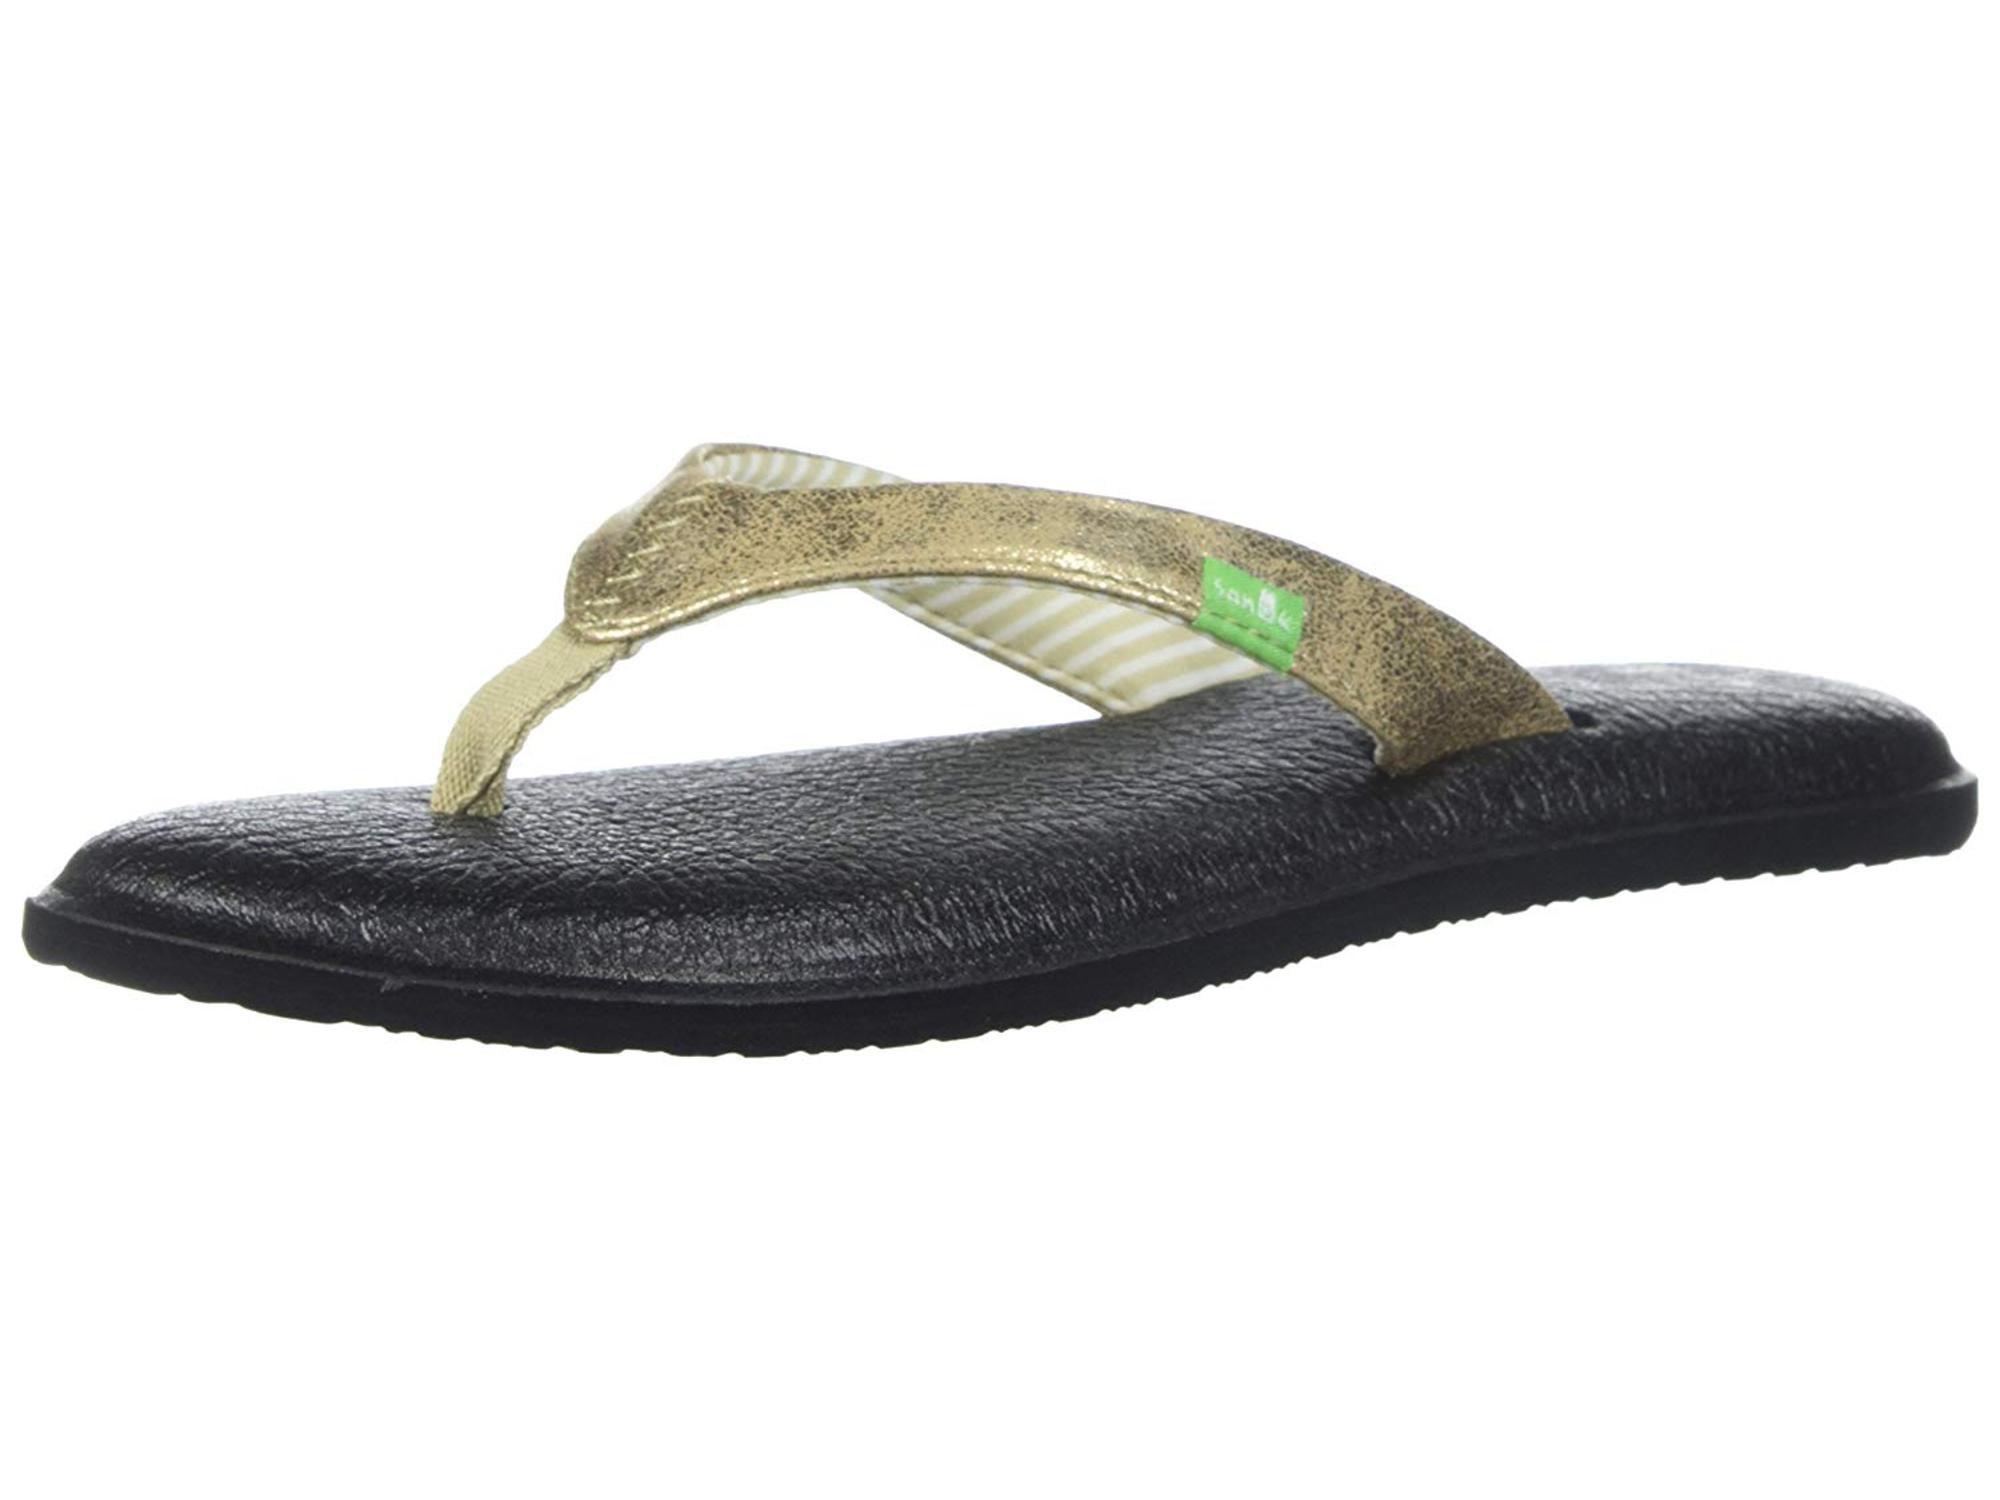 a272d28e38a Sanuk Yoga Chakra Metallic Flip-Flop